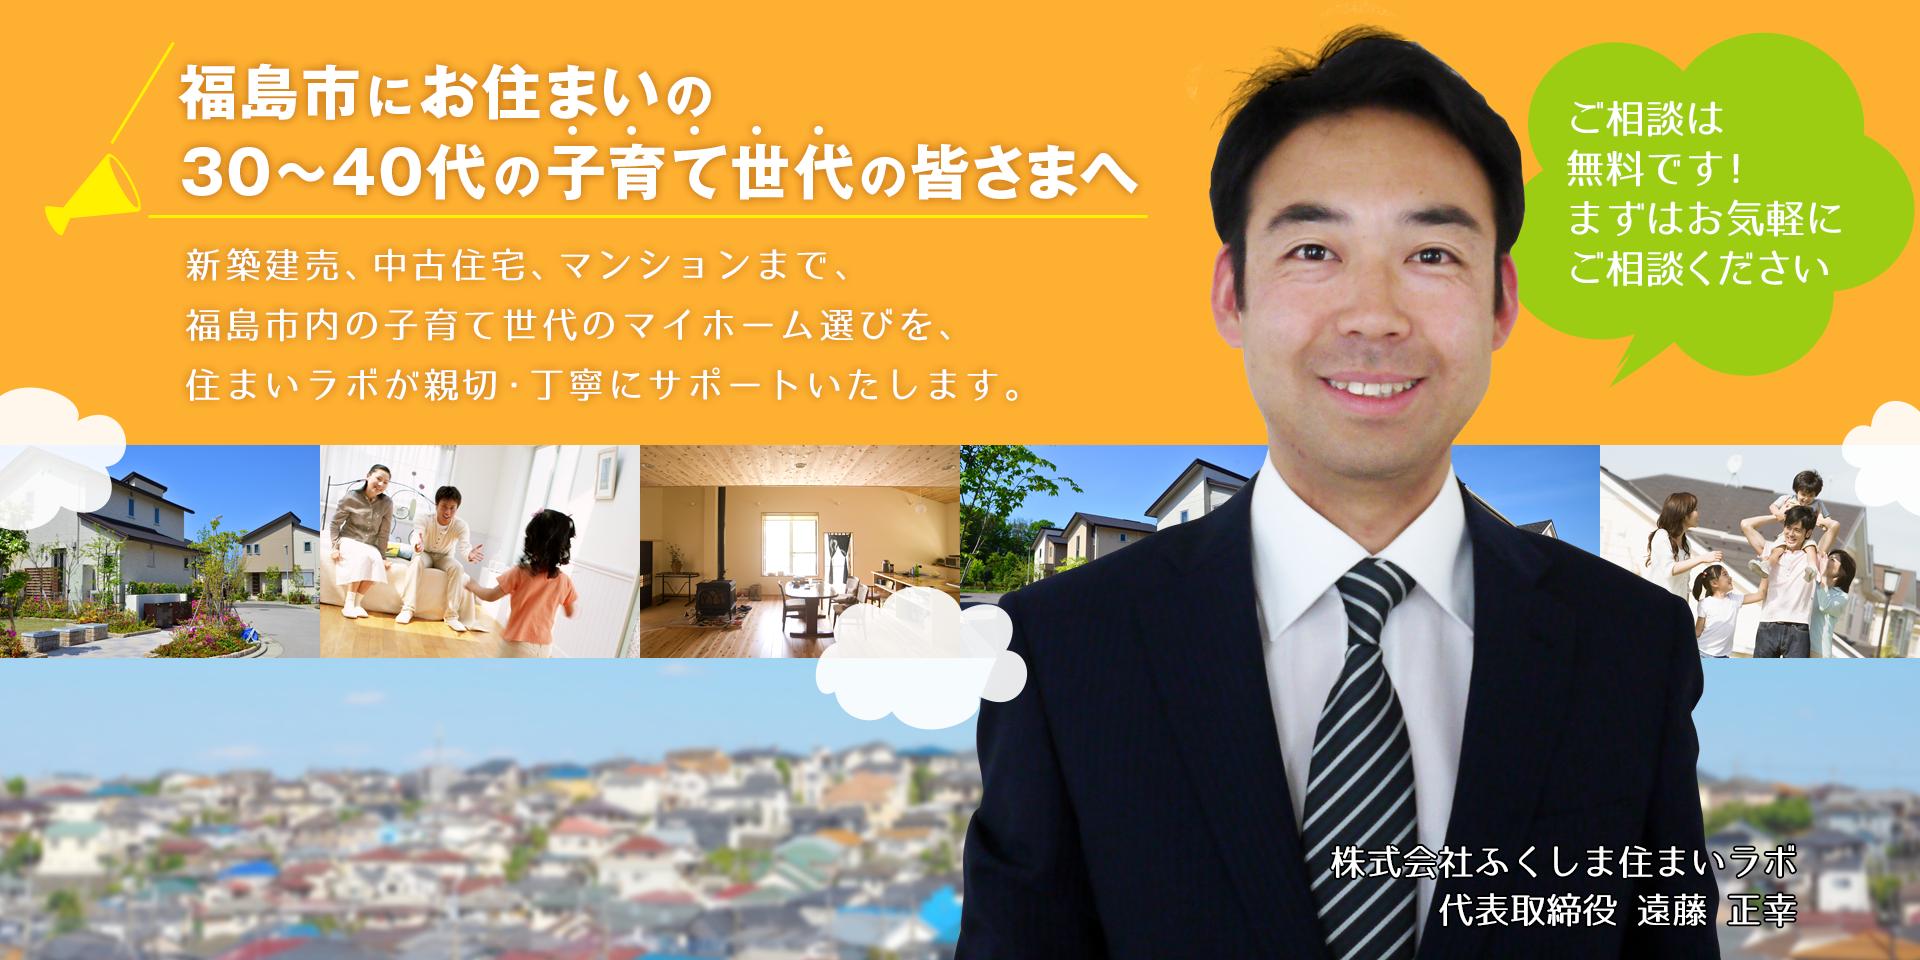 ふくしま住まいラボ|福島市の不動産会社(新築 建売 中古住宅 マンション)